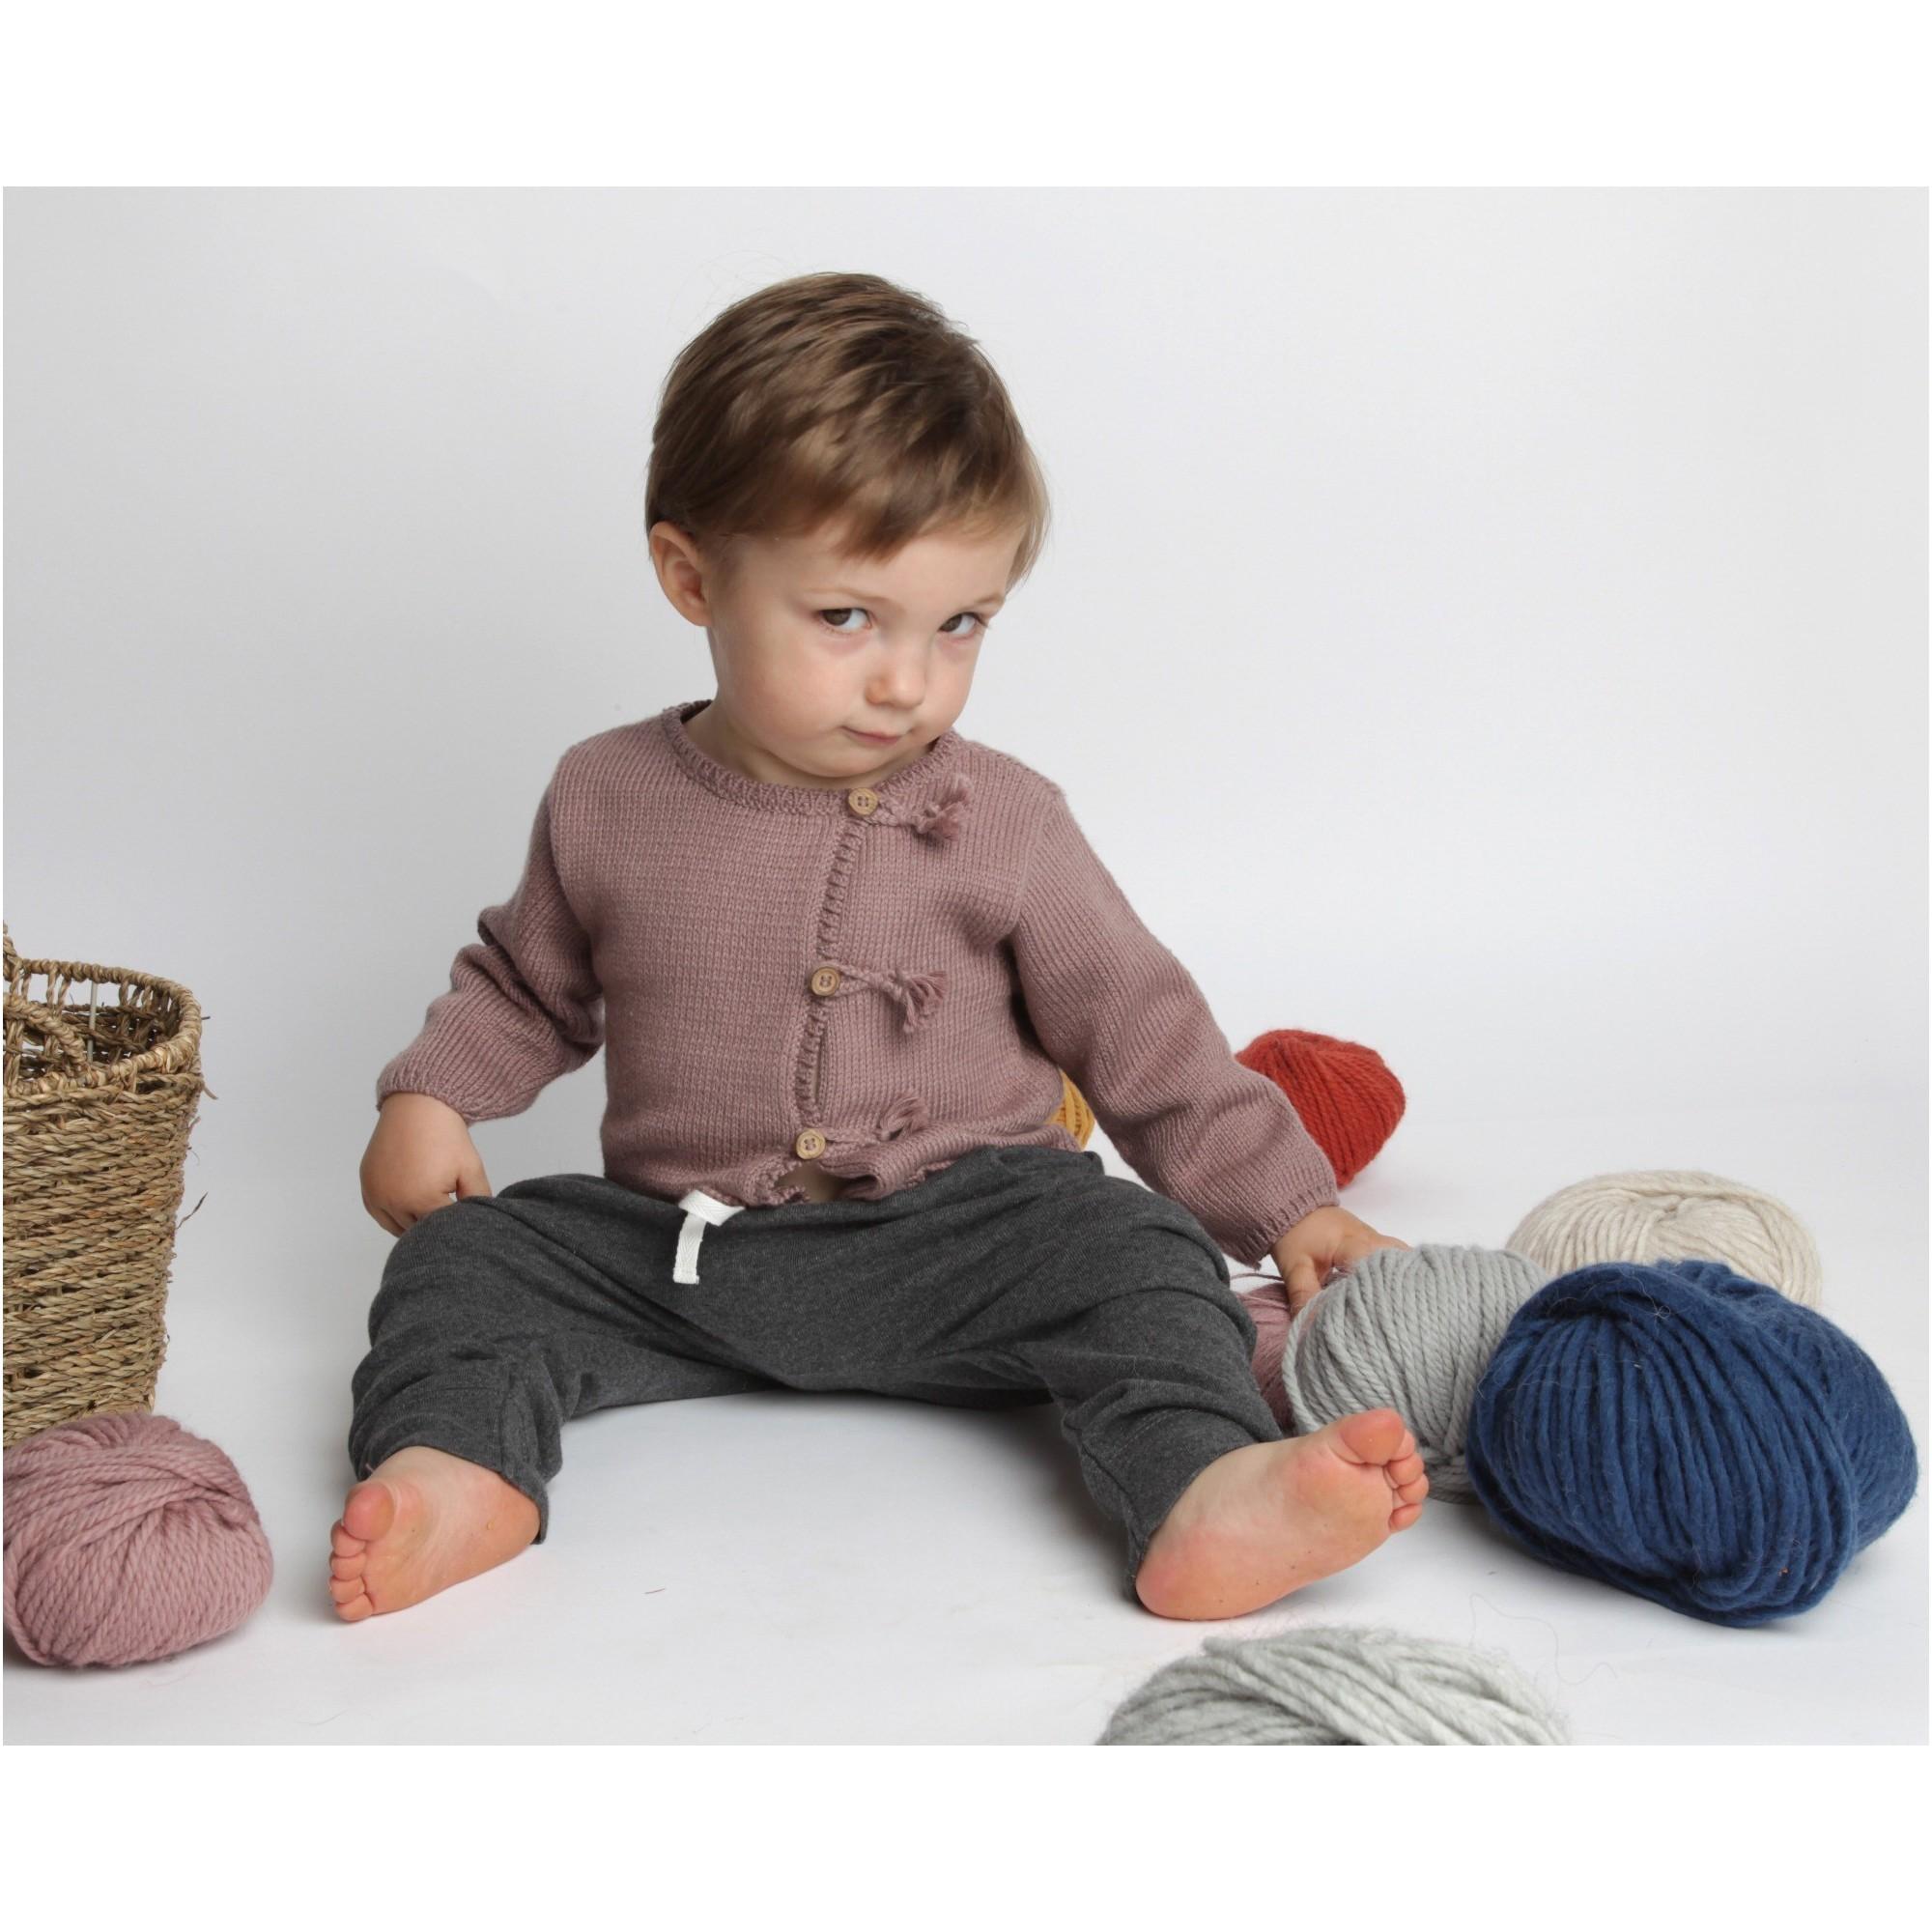 Gilet bébé taupe en coton et cachemire avec boutons bois tricoté en point jersey - porté avec sarouel-jogging anthracite